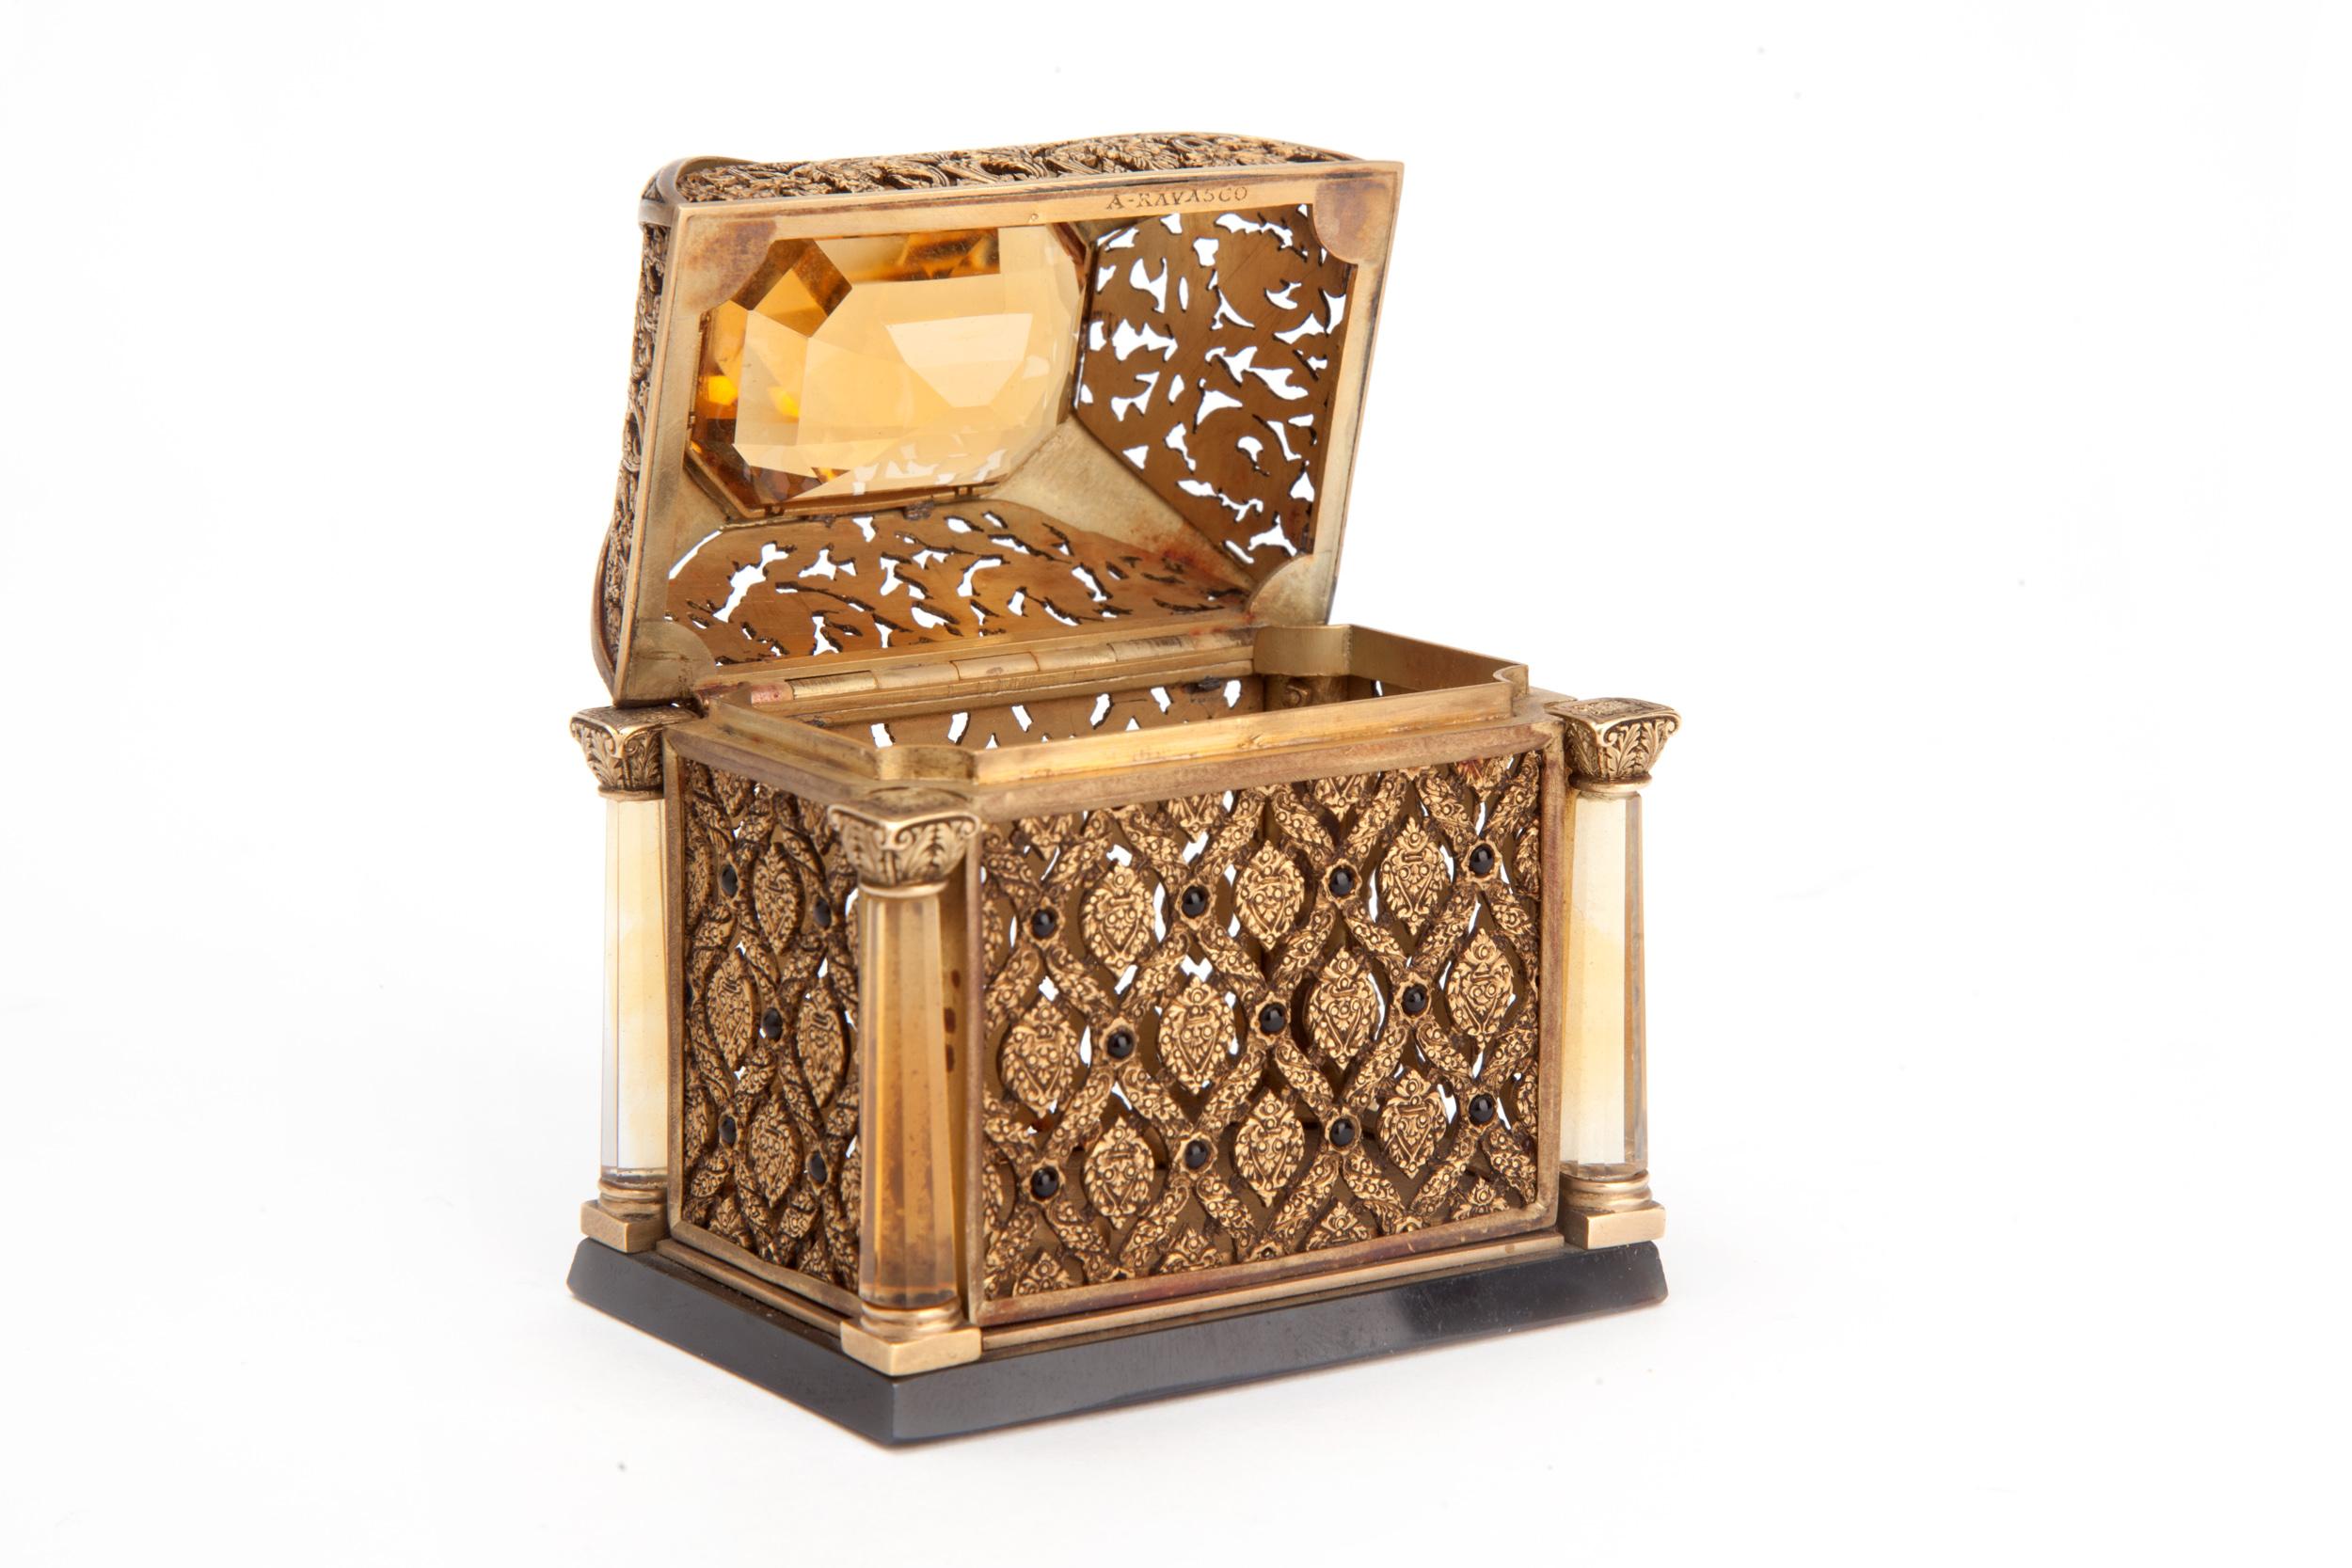 Alfredo Ravasco, Cofanetto in oro, smalto e topazio (1925; Milano, Museo Nazionale Scienza e Tecnologia Leonardo da Vinci, donazione Francesco Mauro)